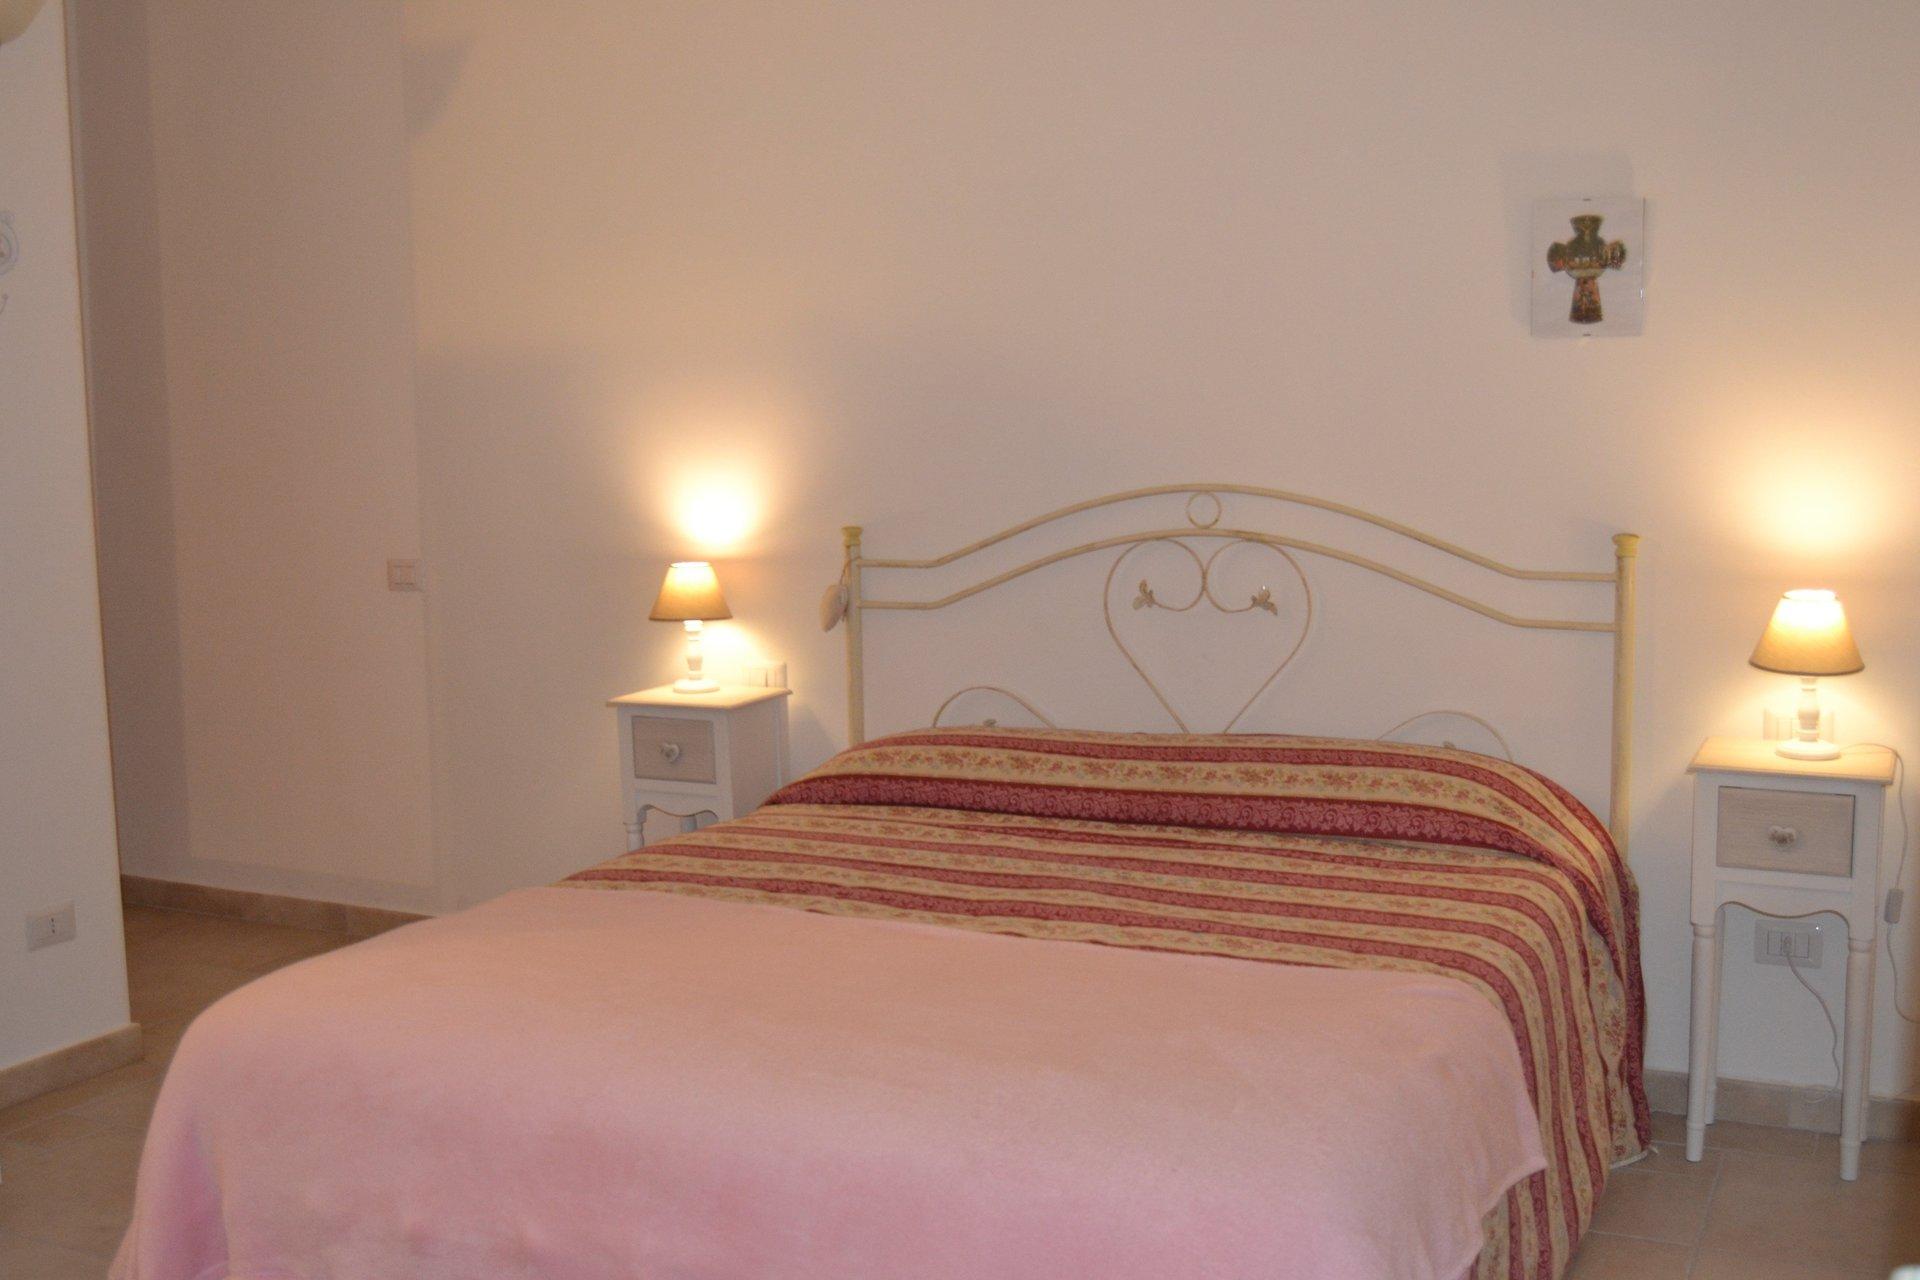 un letto in ferro battuto con coperte di diversi colori